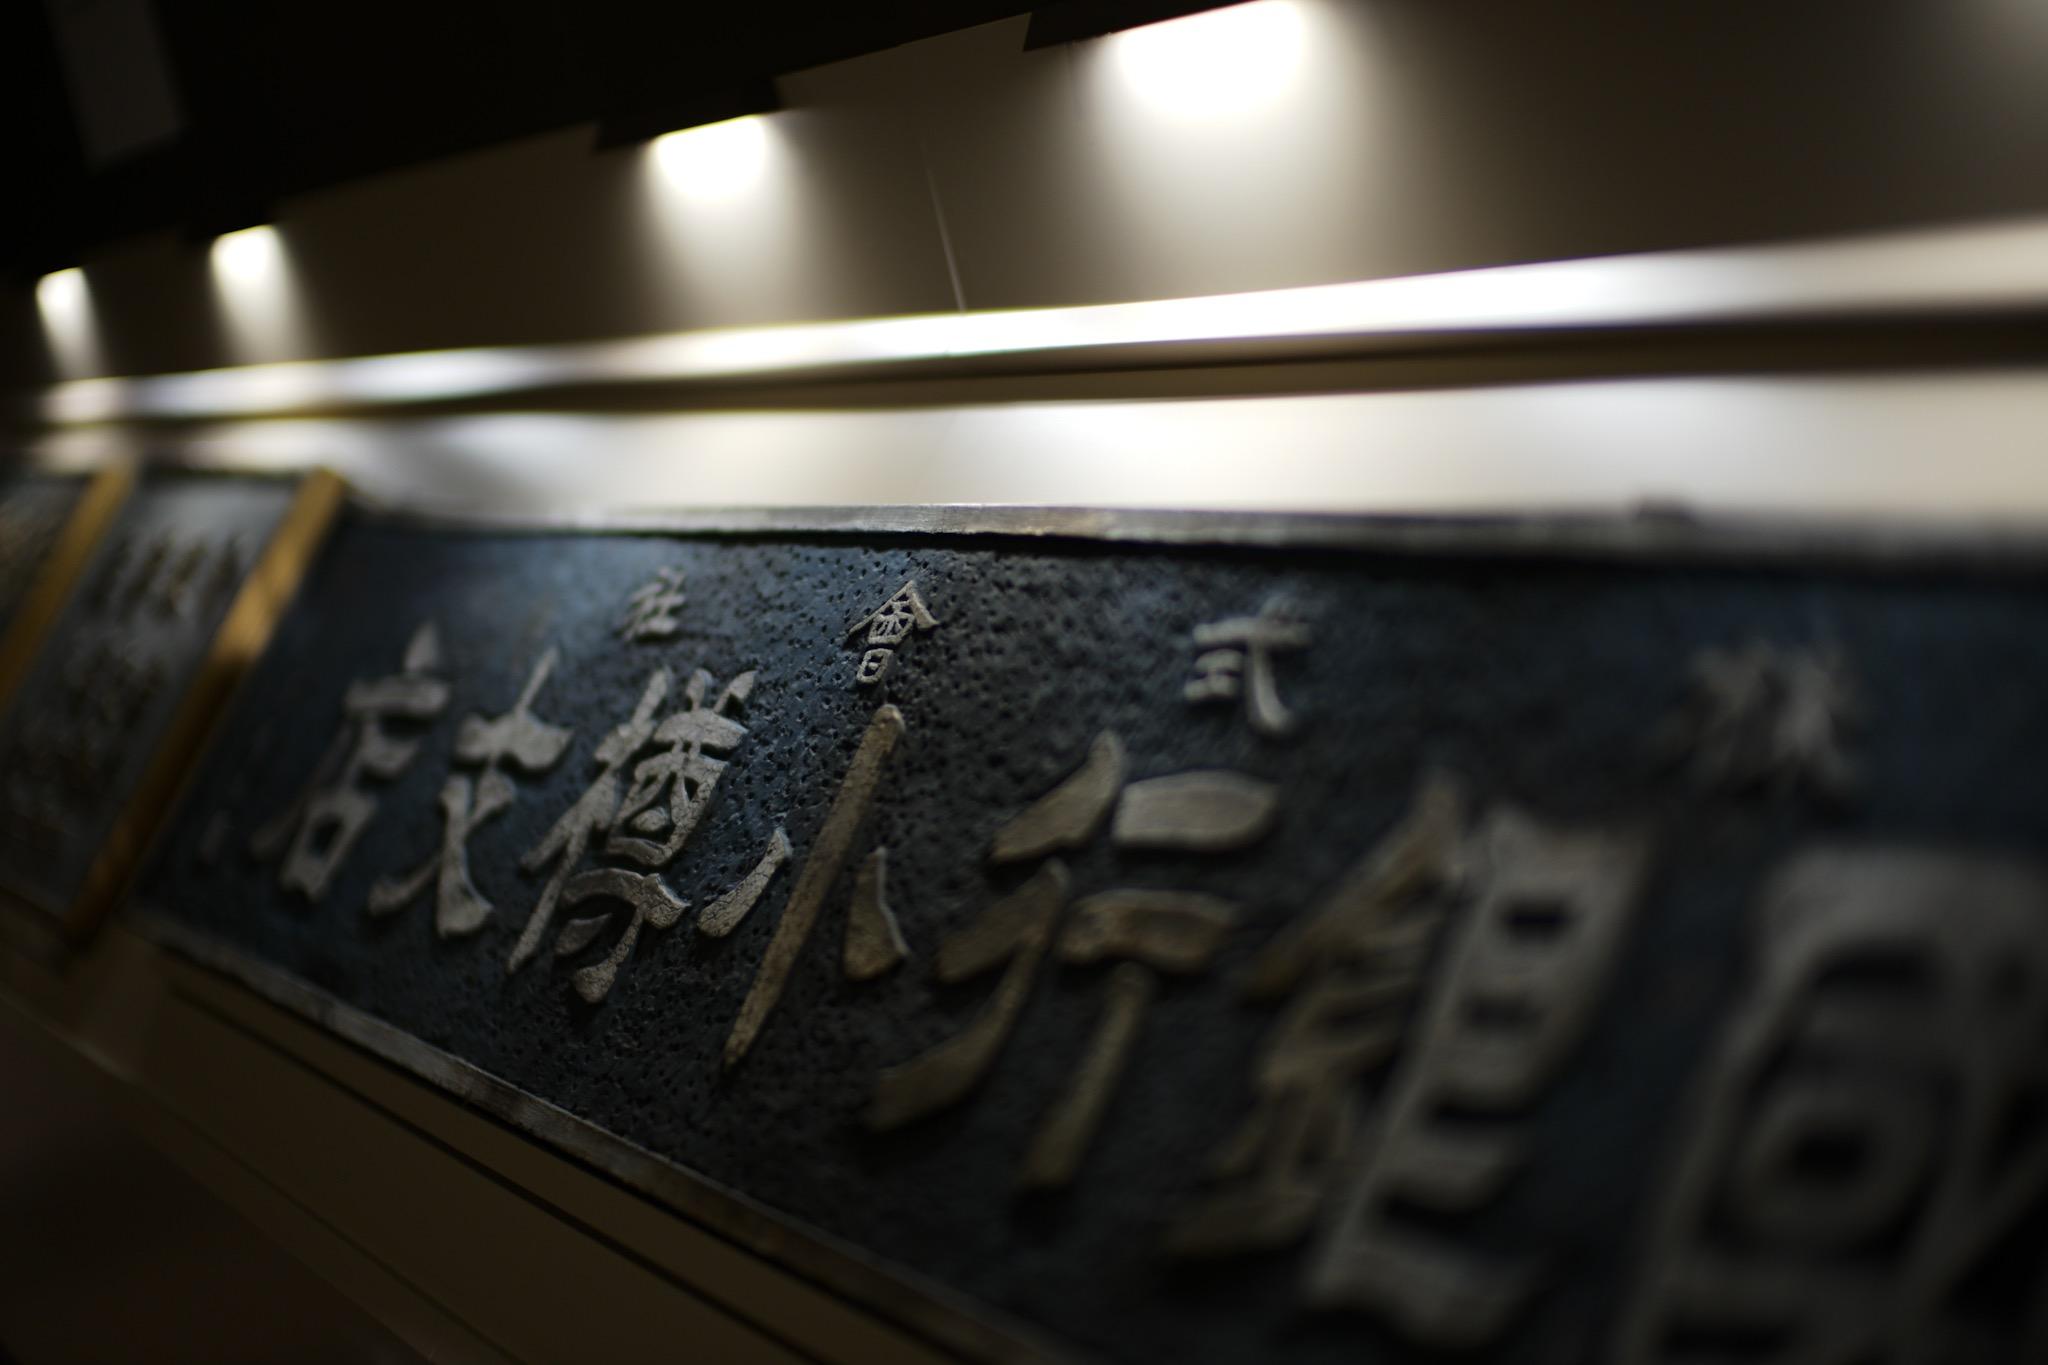 小樽芸術村 旧三井銀行小樽支店 - 帝国銀行小樽支店 看板